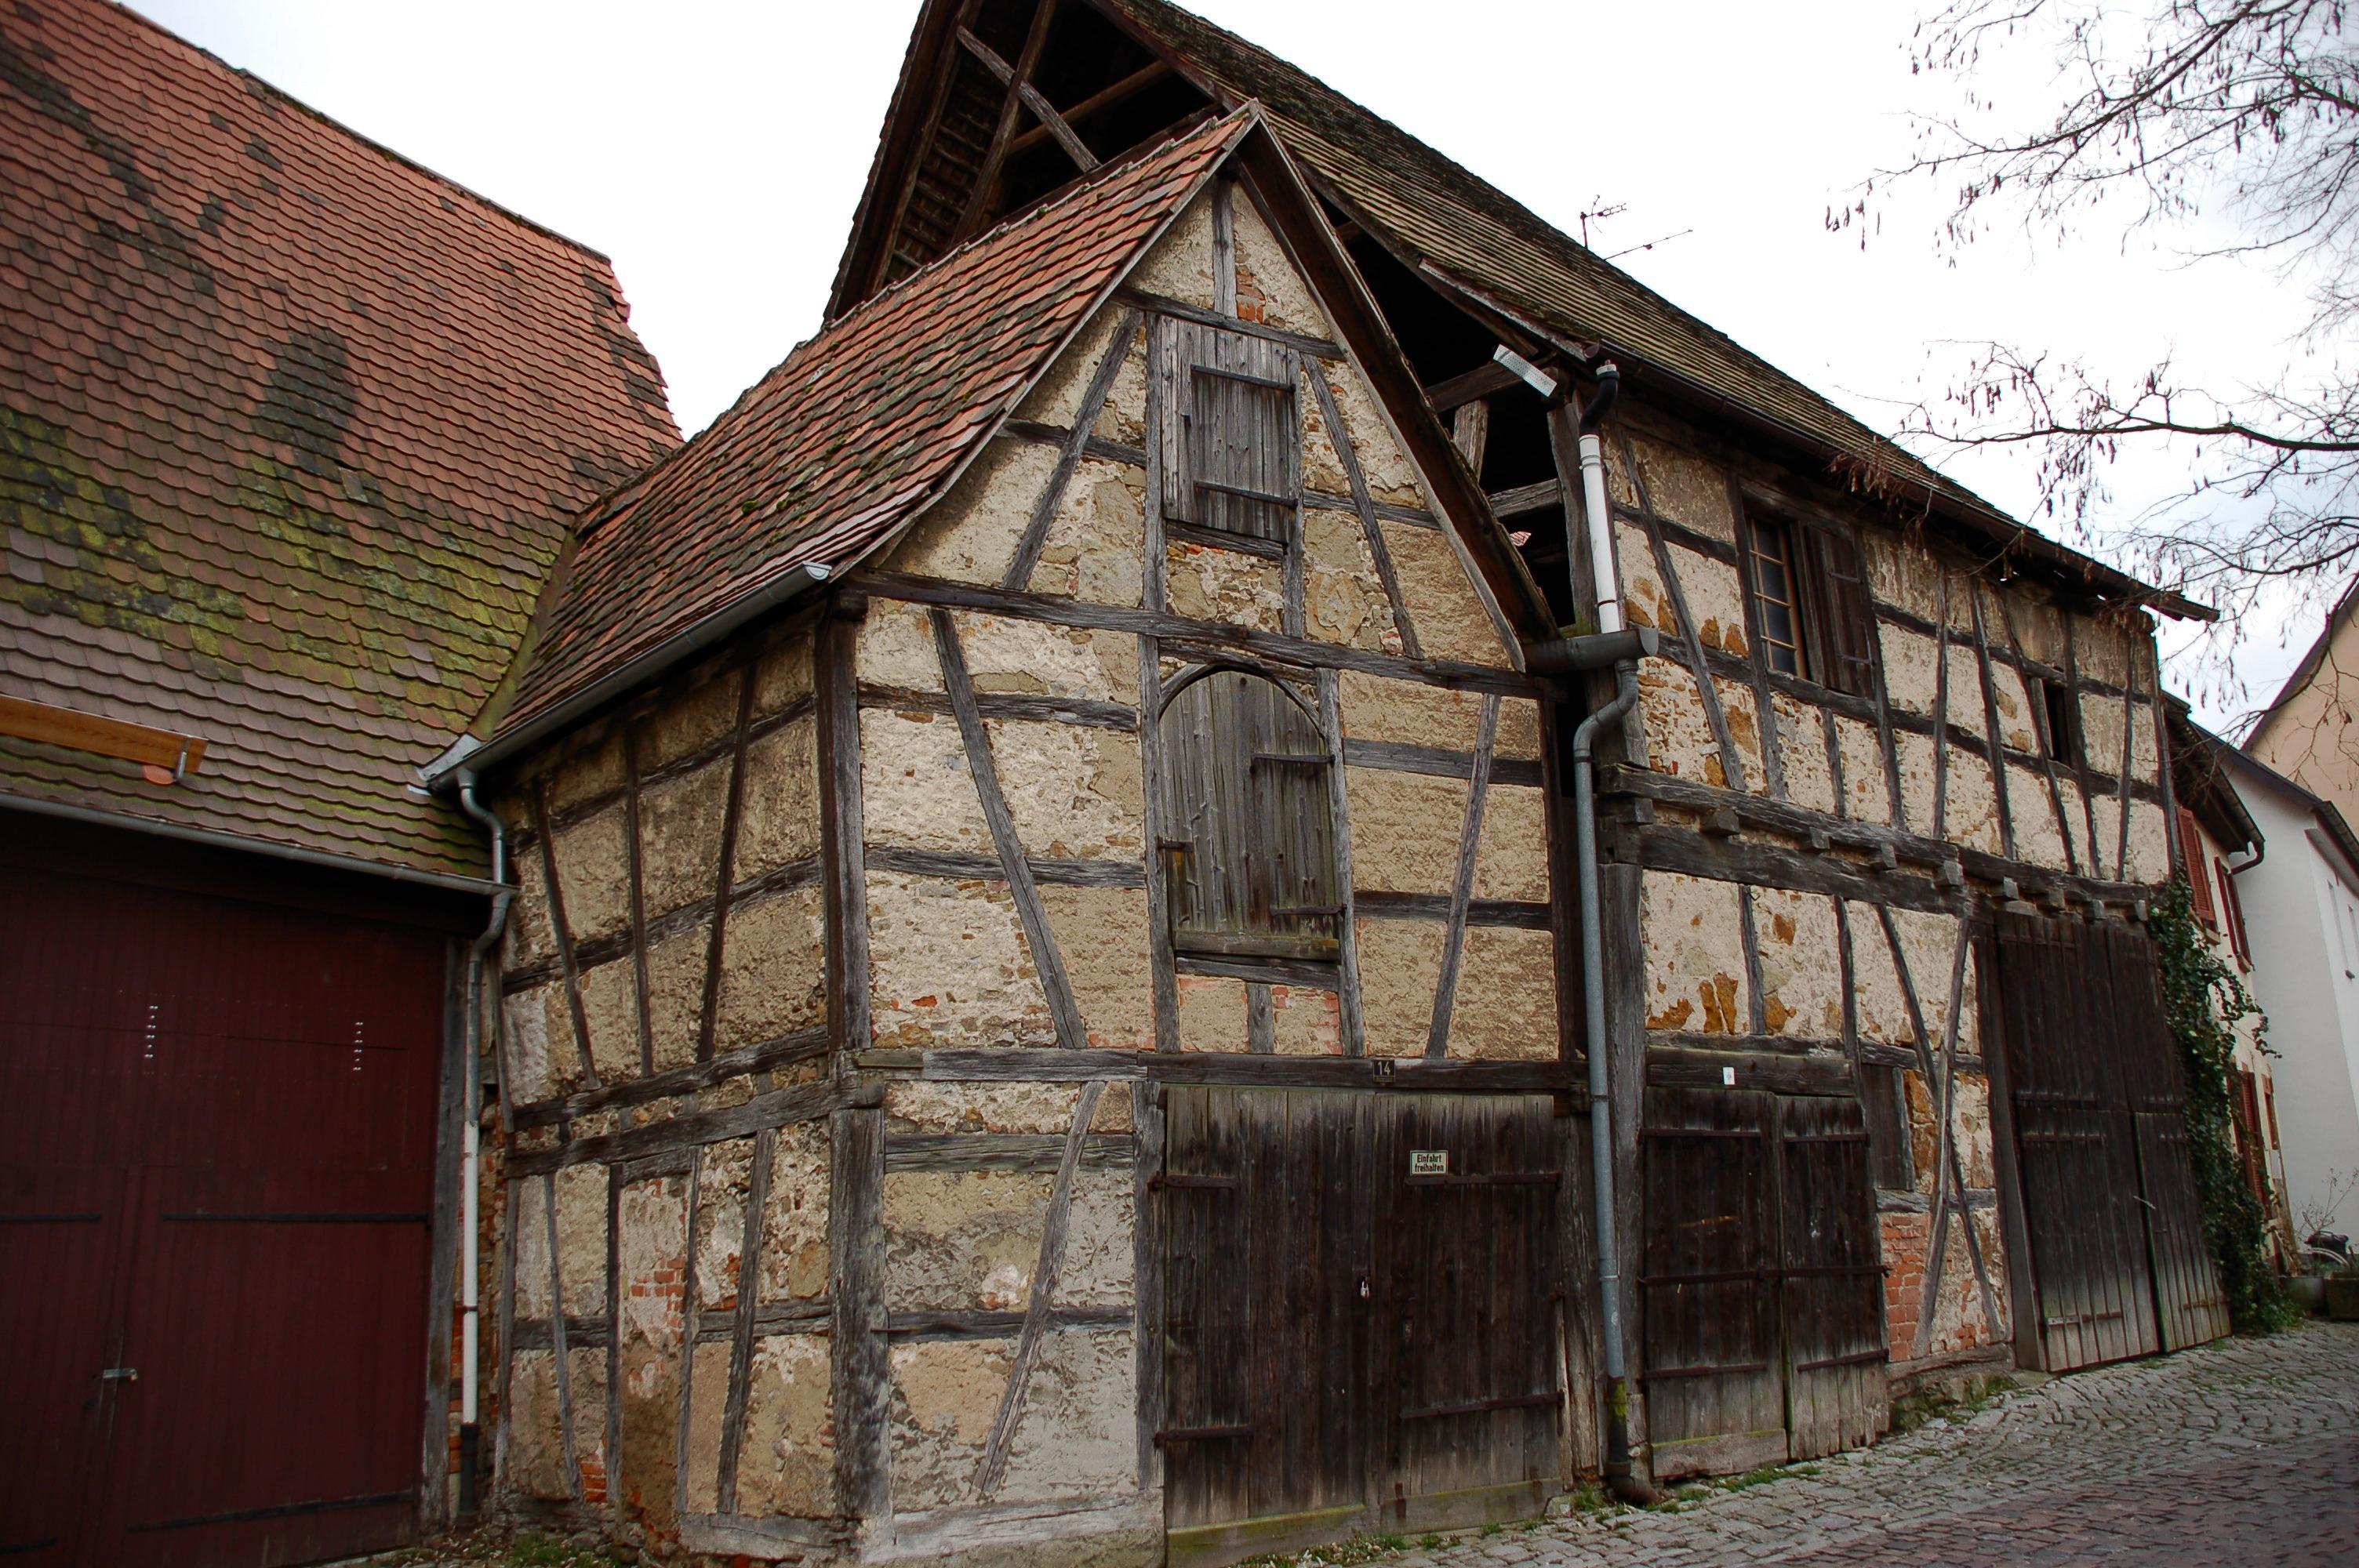 File:Bad Wimpfen - 014 - Old house.jpg